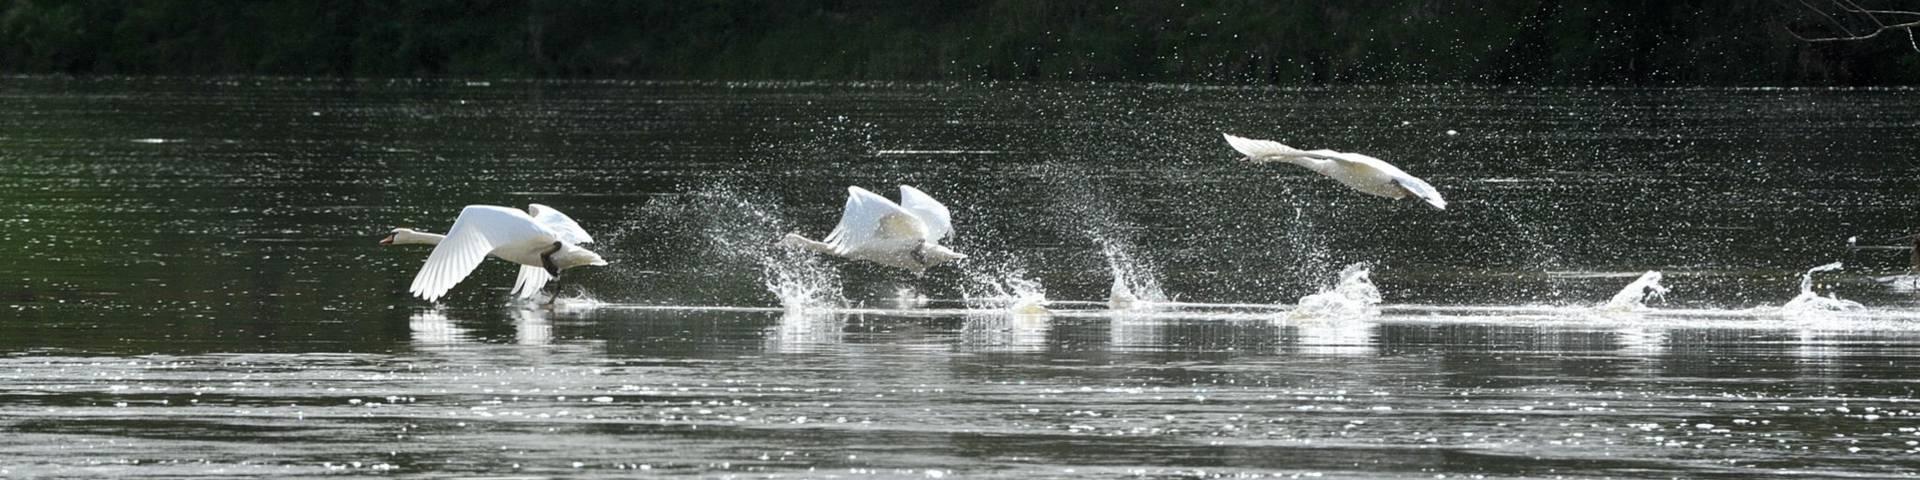 Vol de cygnes au-dessus du fleuve la Loire